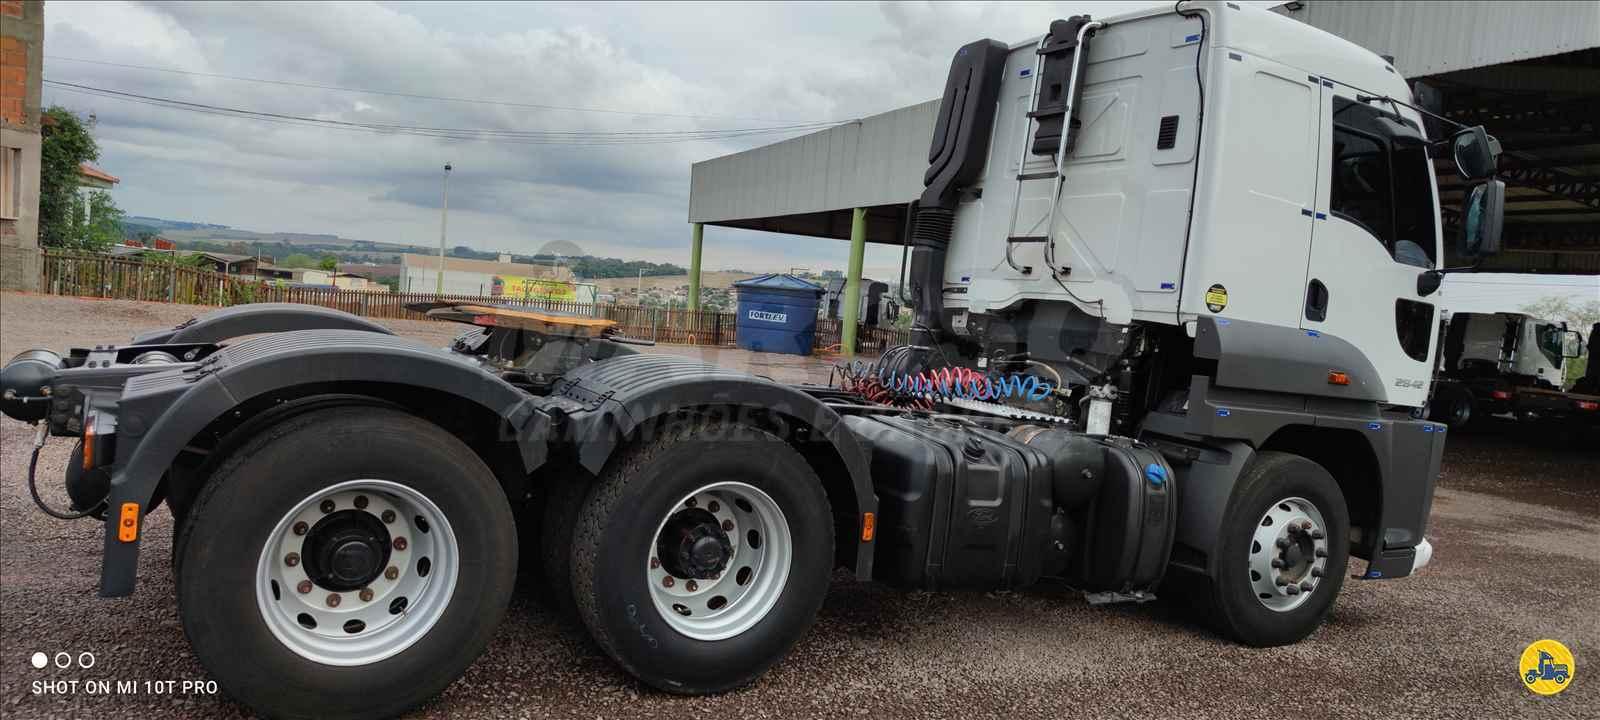 CARGO 2842 de Maroso Caminhões - PALOTINA/PR